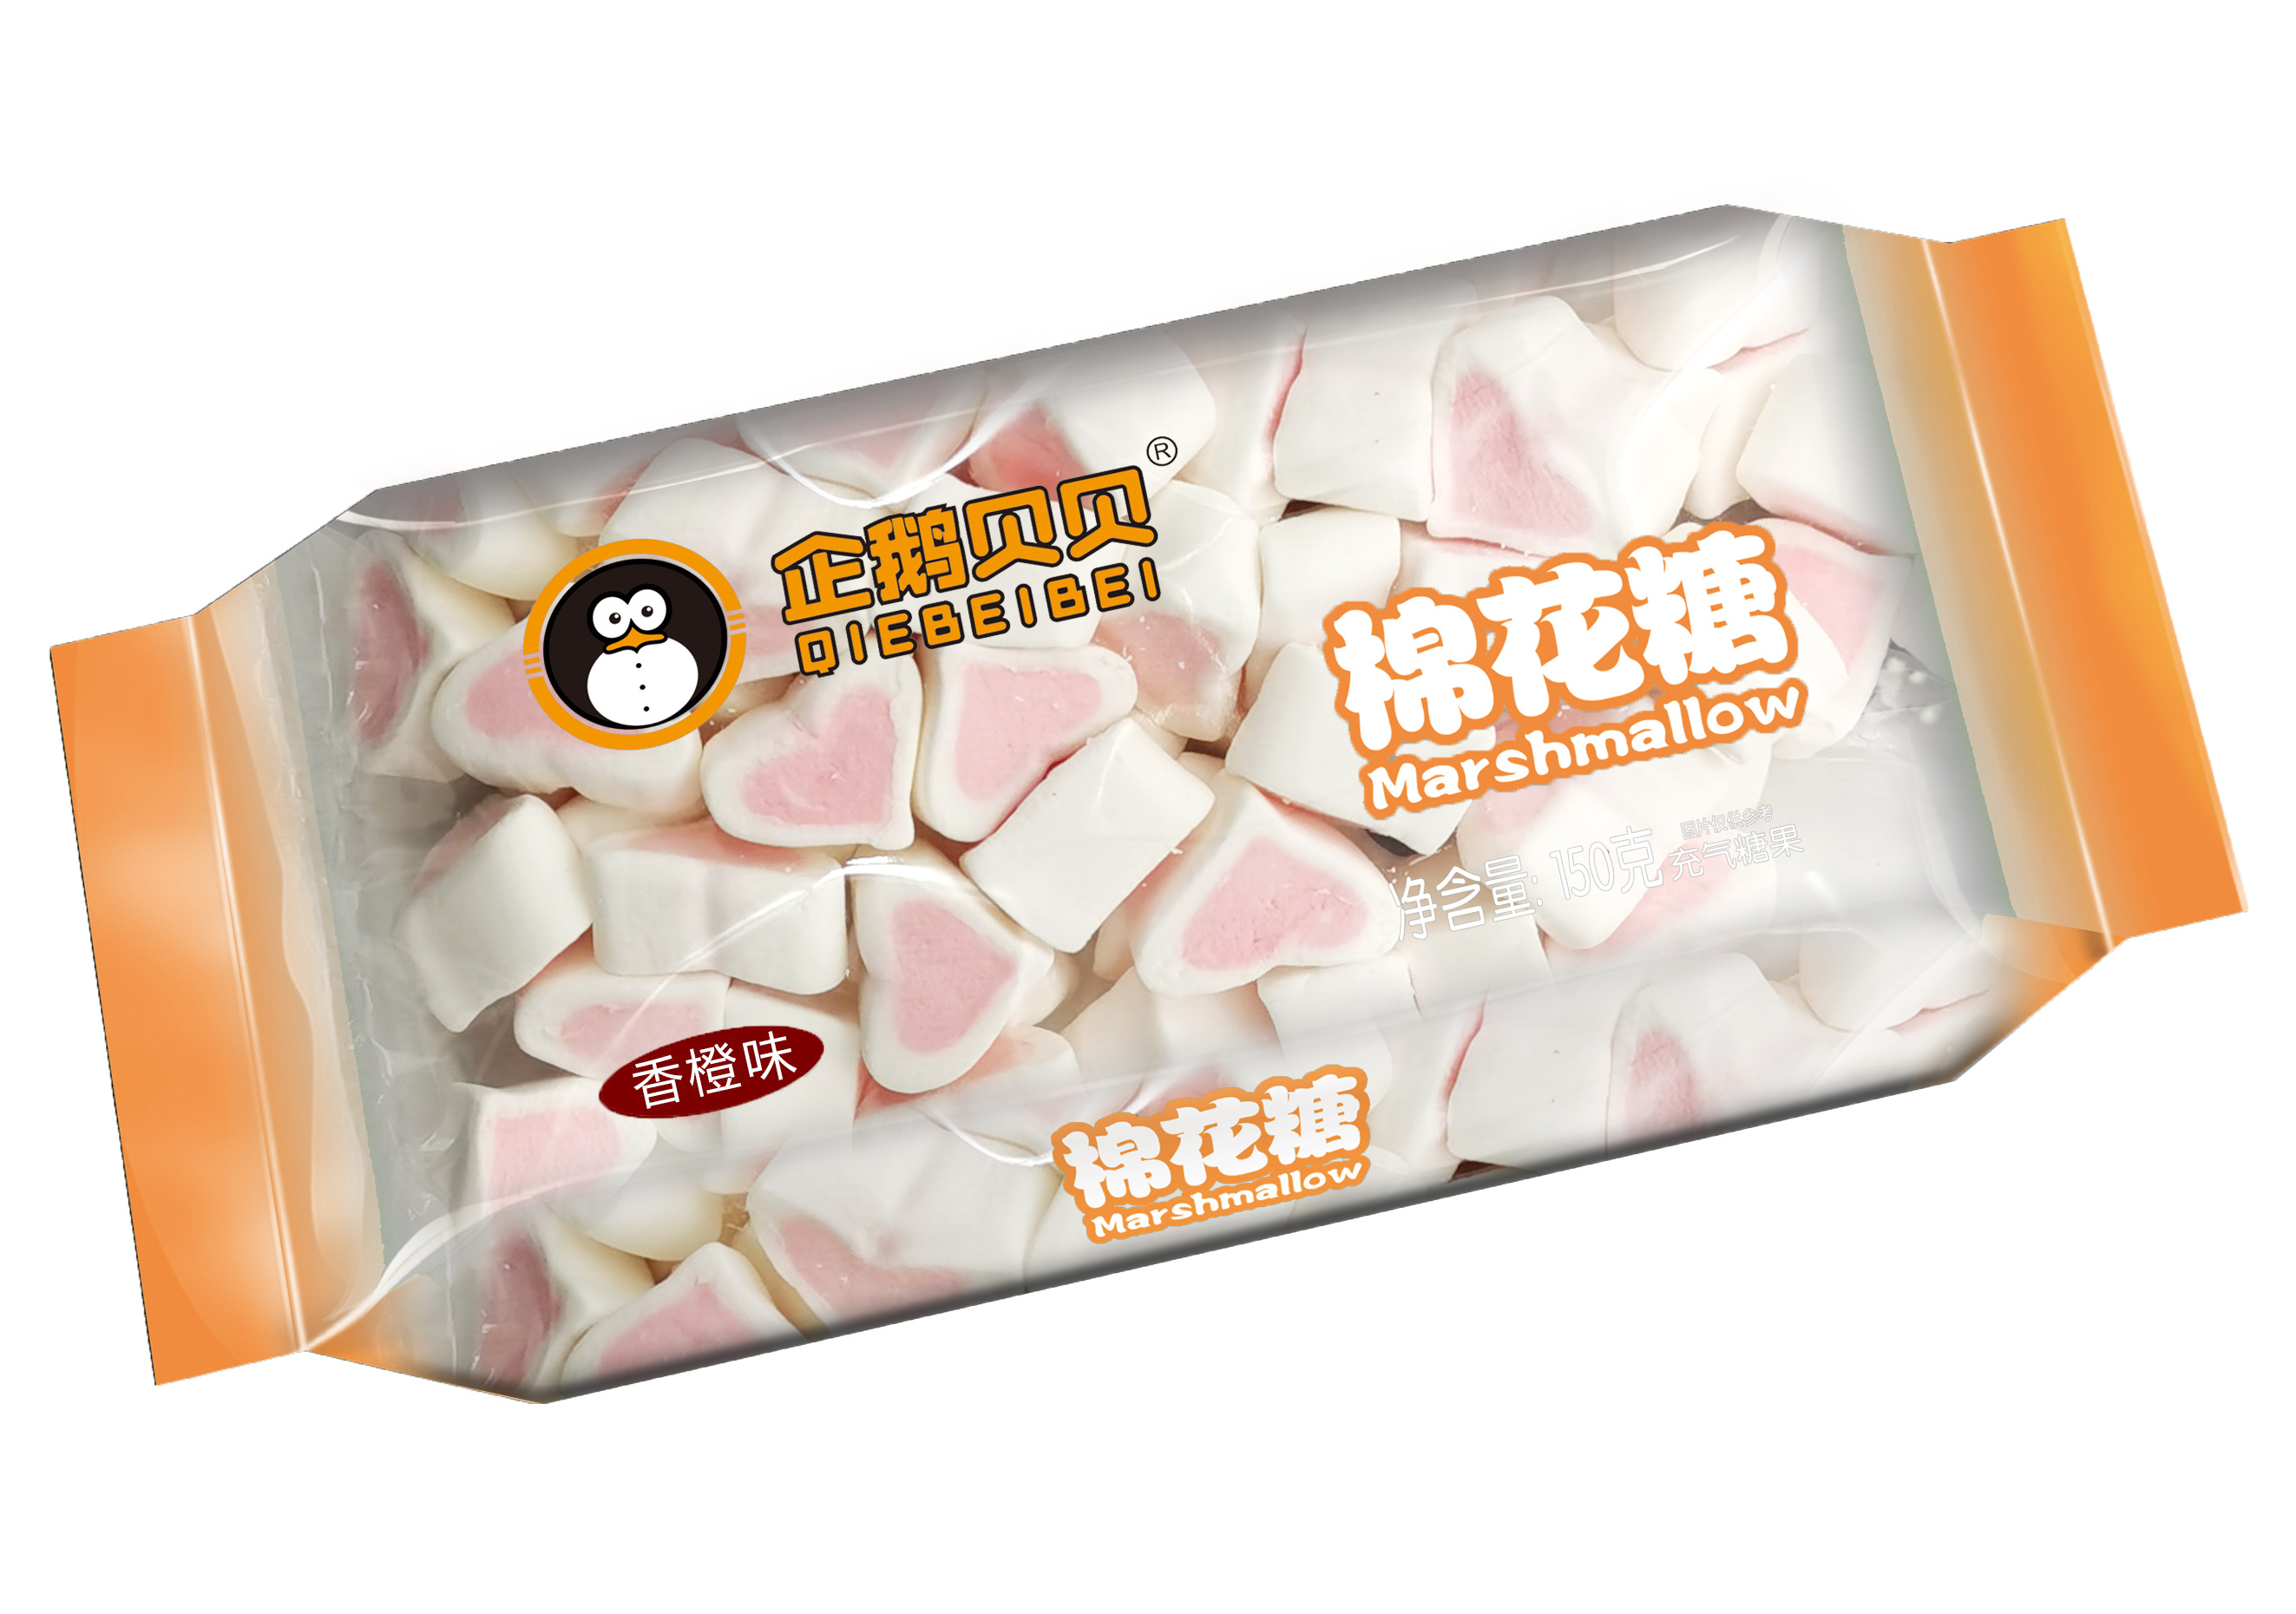 企鹅贝贝150克枕式棉花糖香橙味